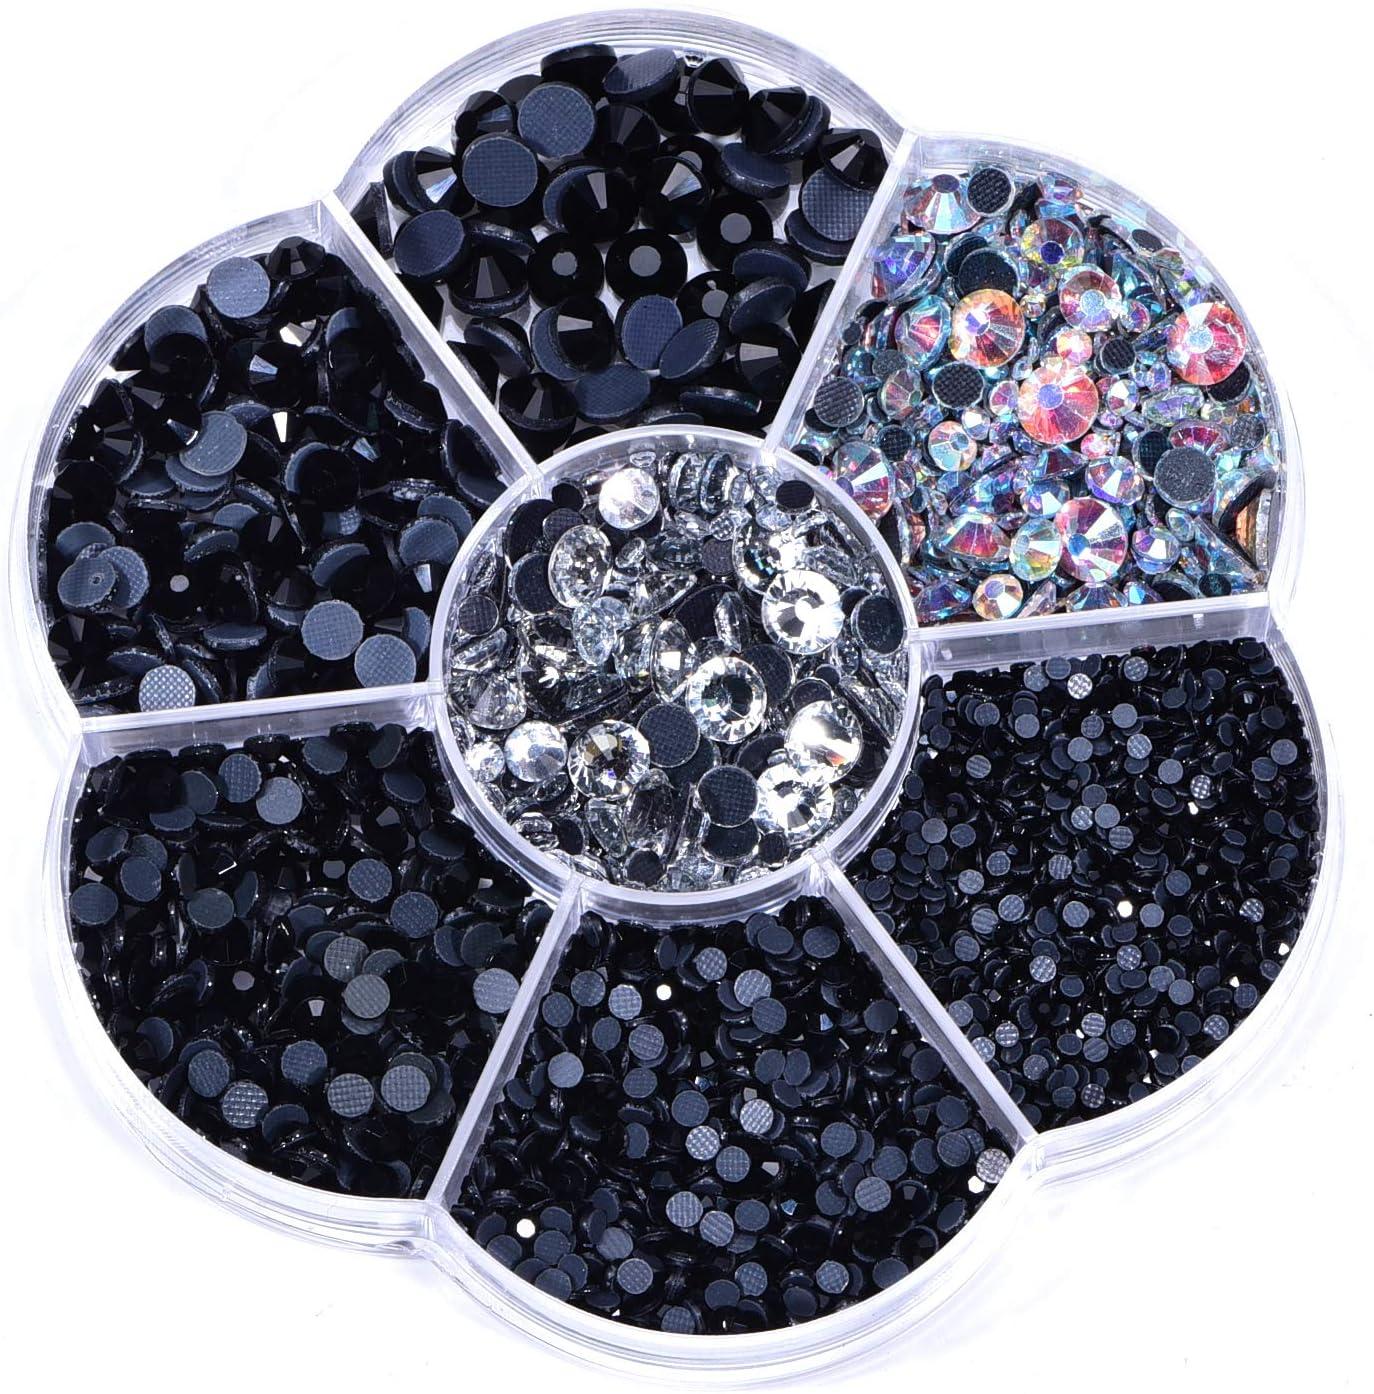 OLOOYA DMC Hotfix Rhinestone 3000pcs tamaños mezclados 1 caja Hotfix Rhinestones redondos cristales gemas piedras de cristal para la fabricación de joyas de vestuario (jet)